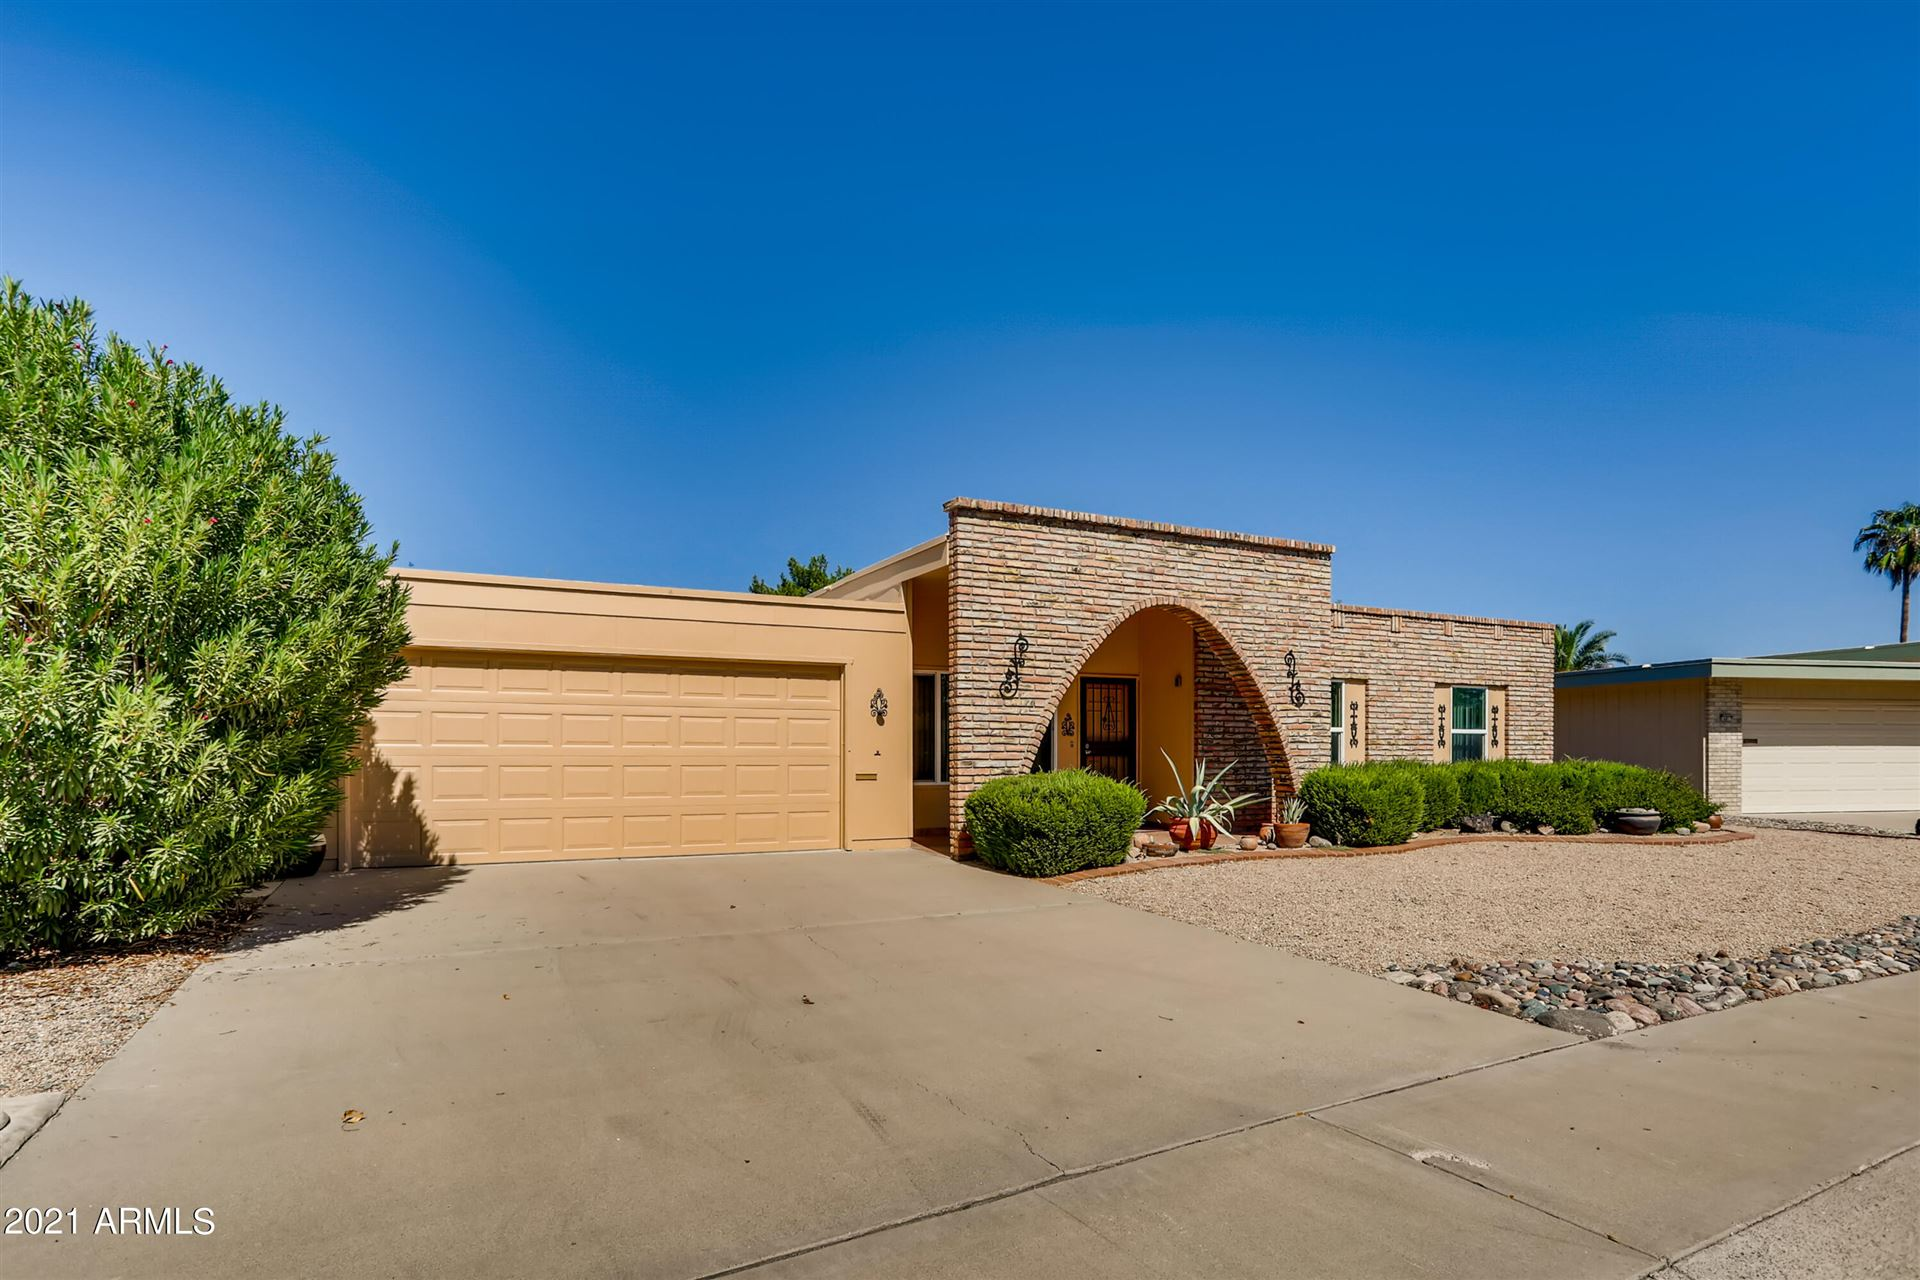 Photo of 16021 N NICKLAUS Lane, Sun City, AZ 85351 (MLS # 6295015)